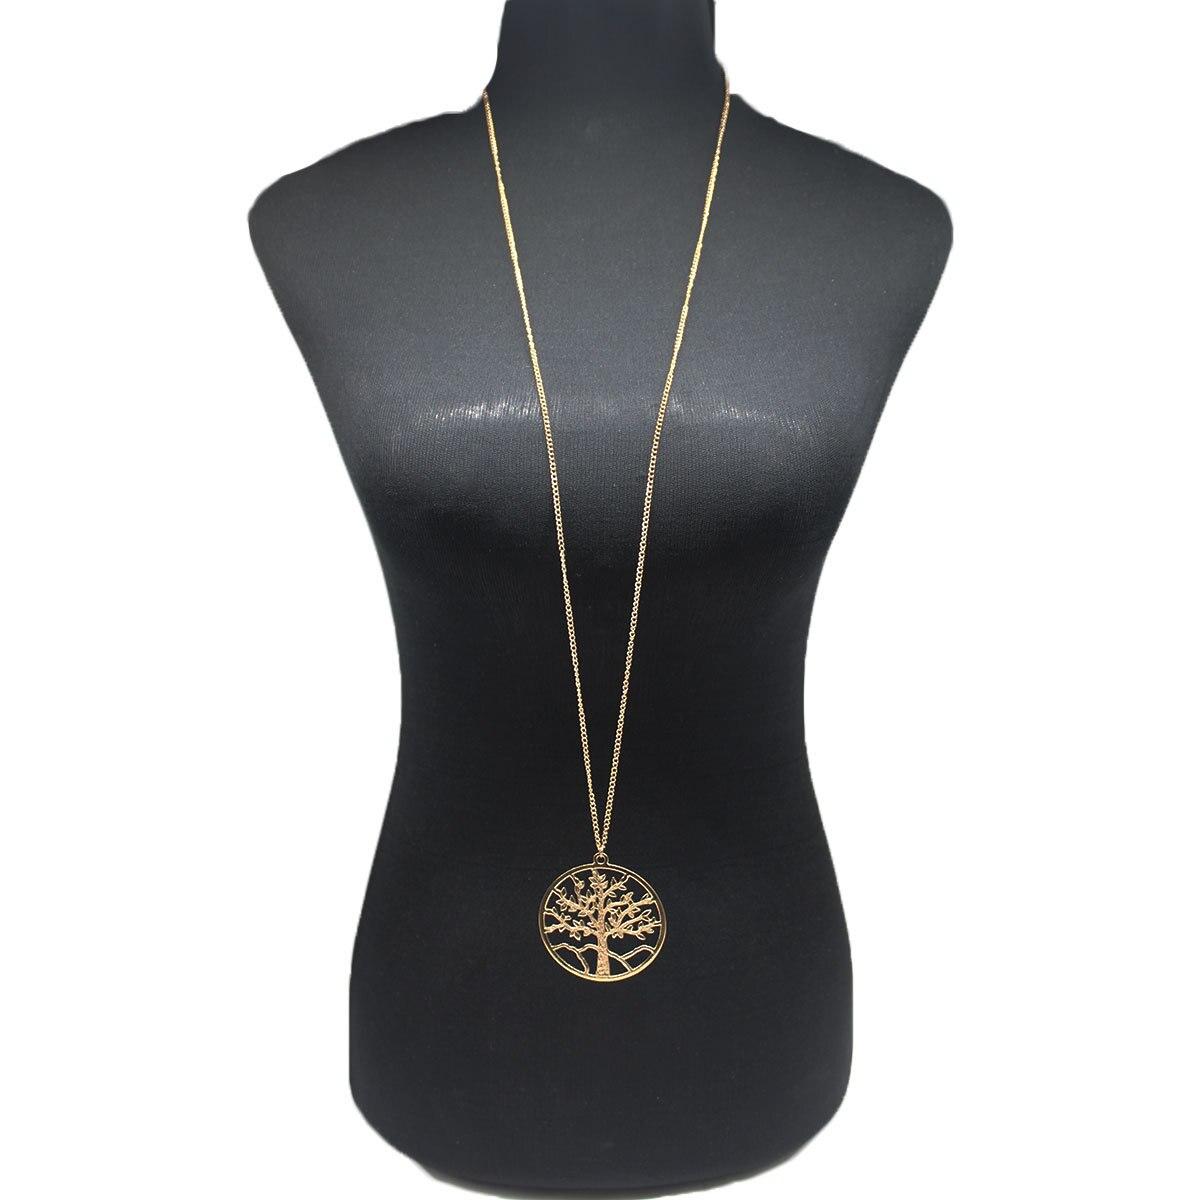 Женское длинное ожерелье с подвесками на цепочке, простое круглое ожерелье золотого и серебряного цвета с цепочкой для свитера